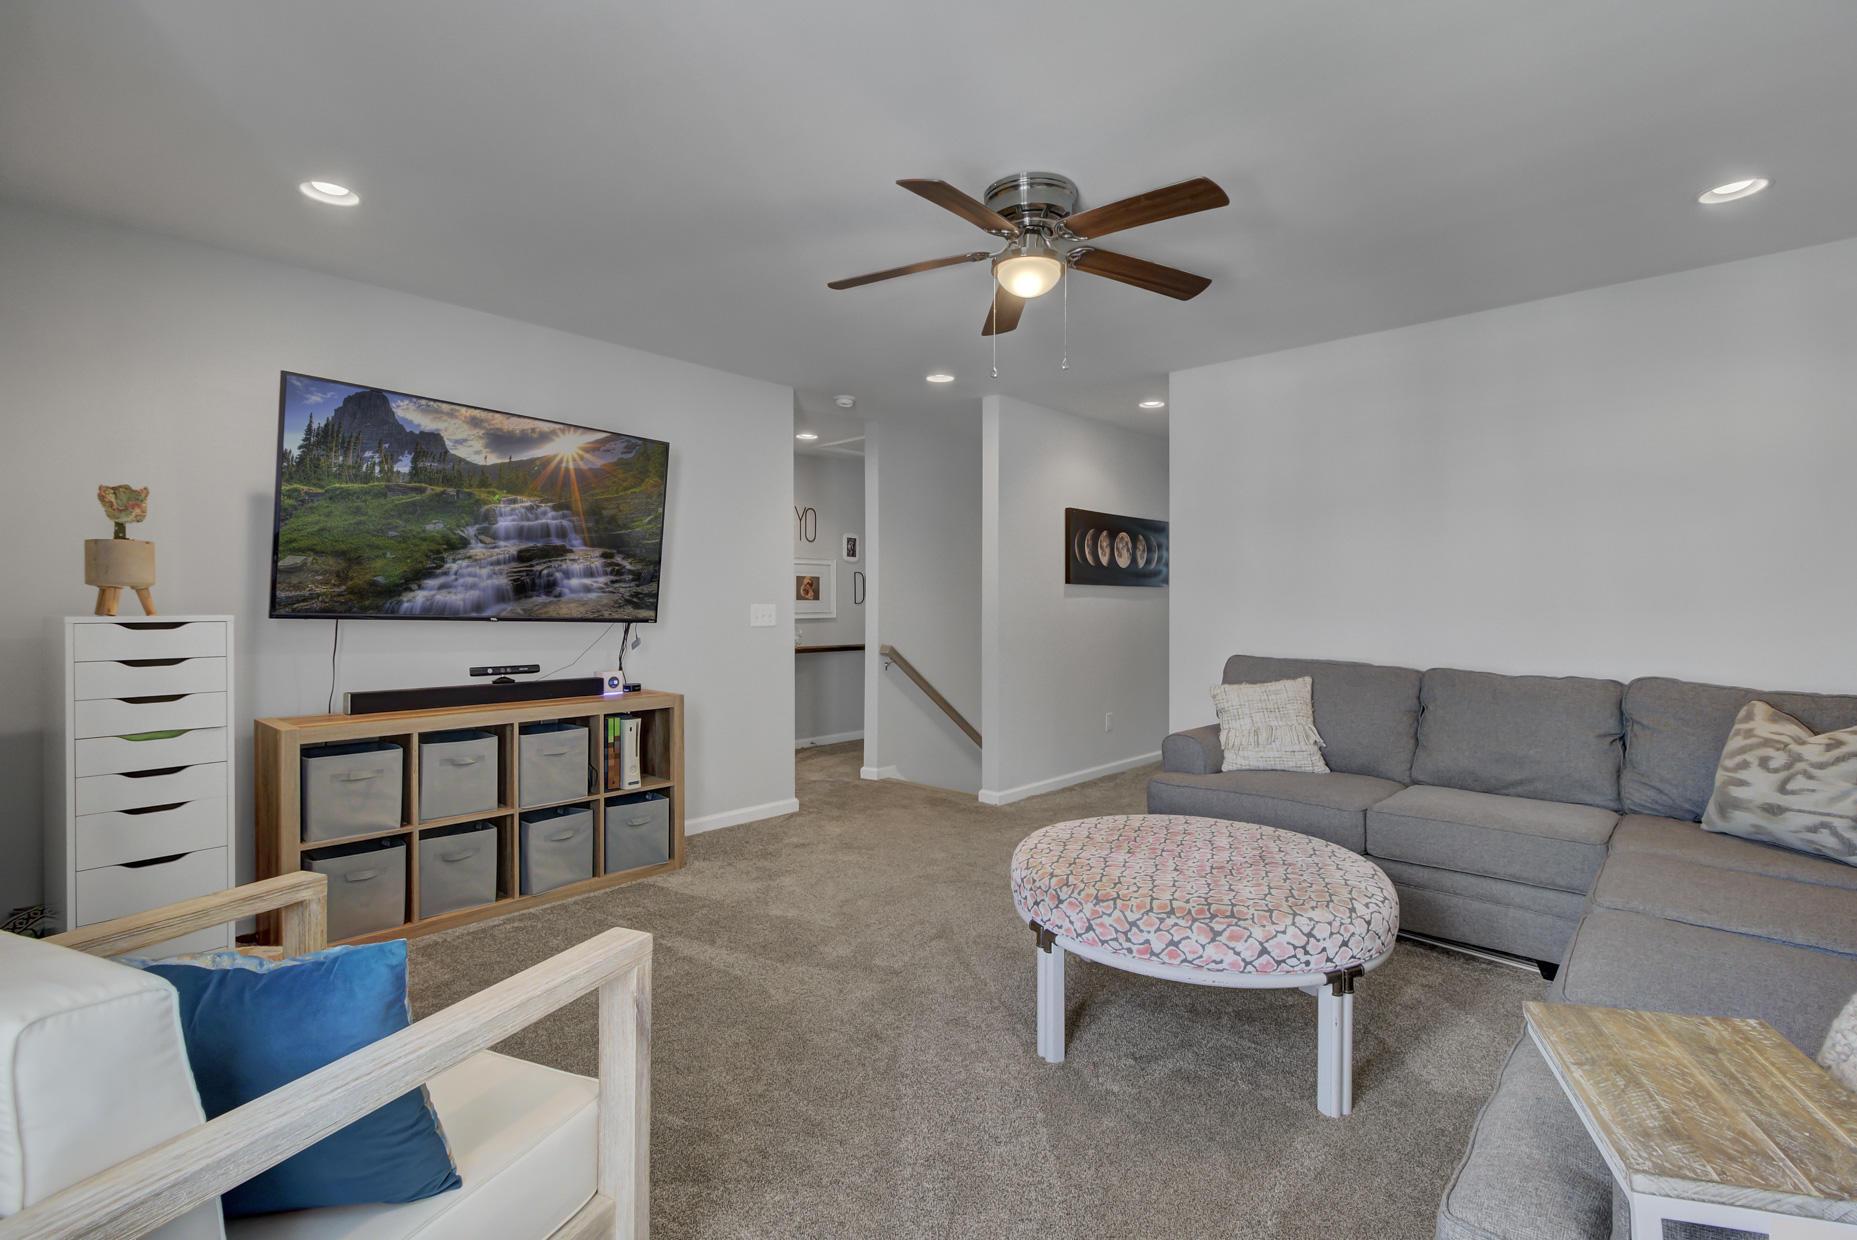 Park West Homes For Sale - 2566 Kingsfield, Mount Pleasant, SC - 34